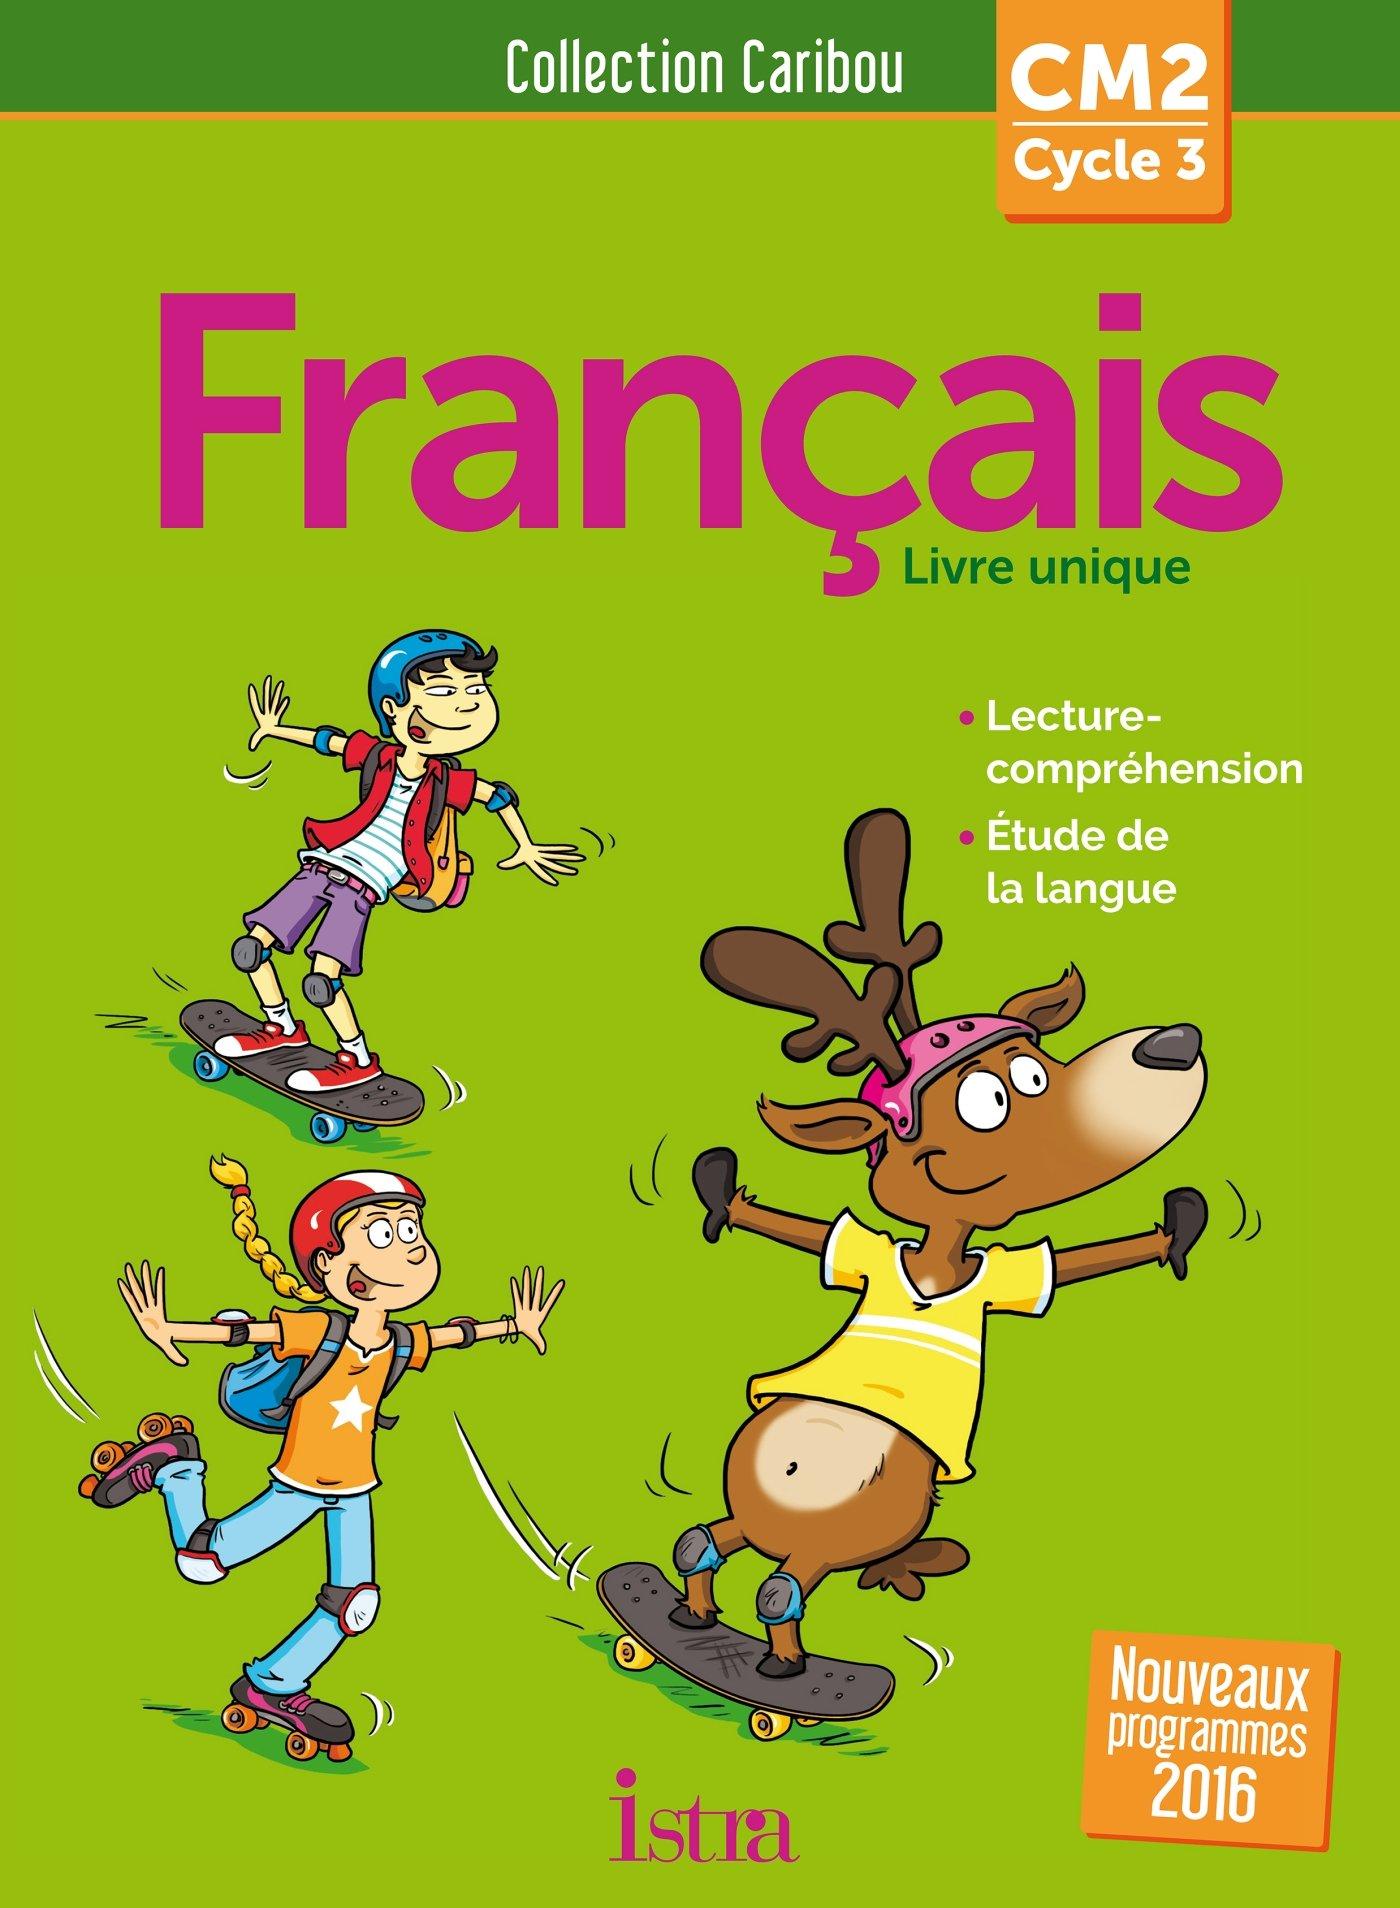 Francais Cm2 Cycle 3 Caribou Livre Unique 9782013947695